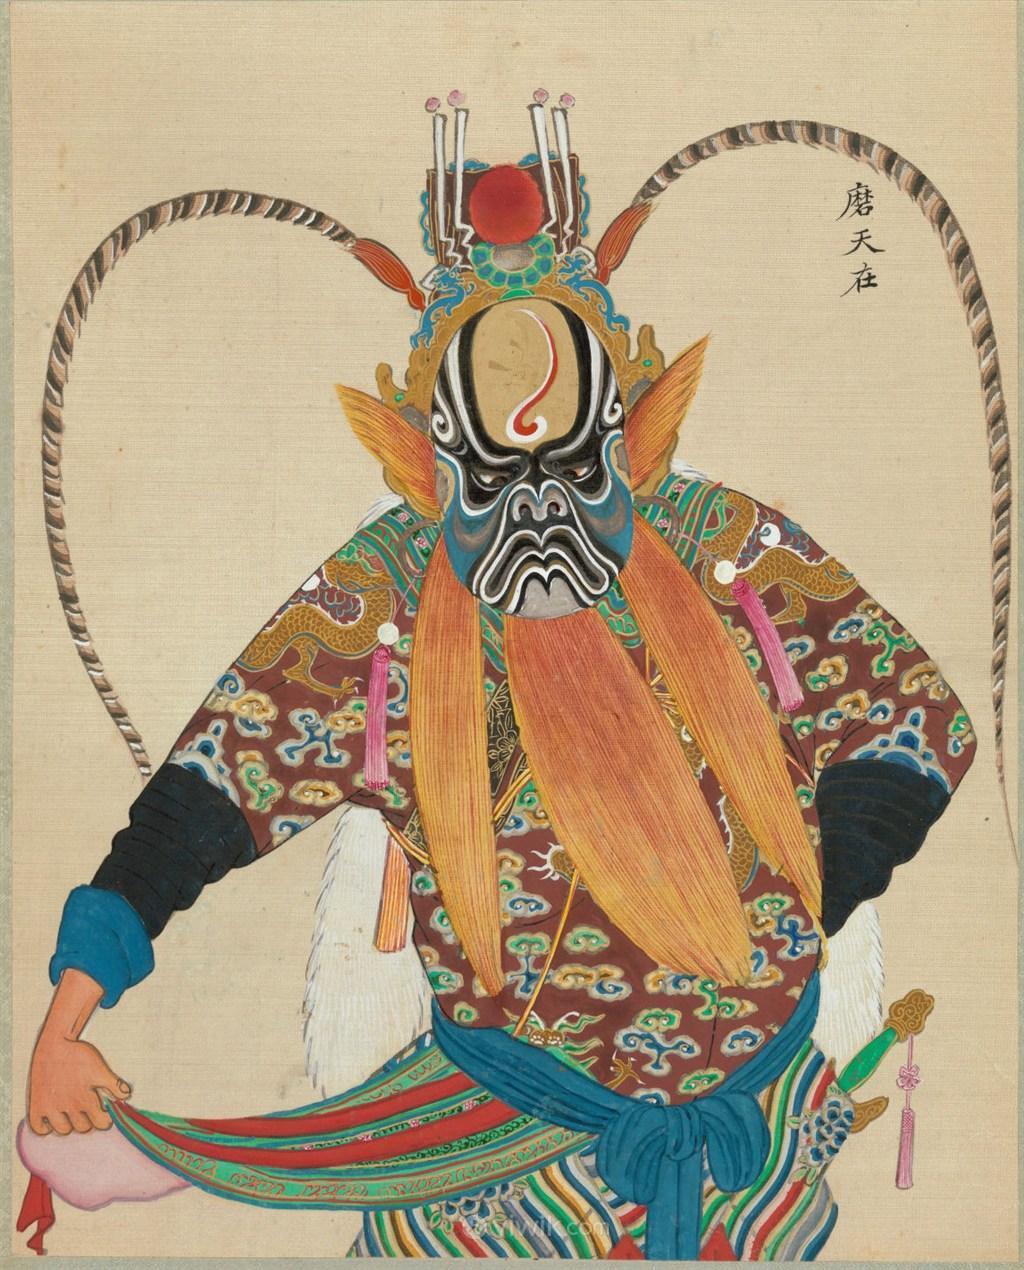 京剧人物磨天在脸谱图片大全